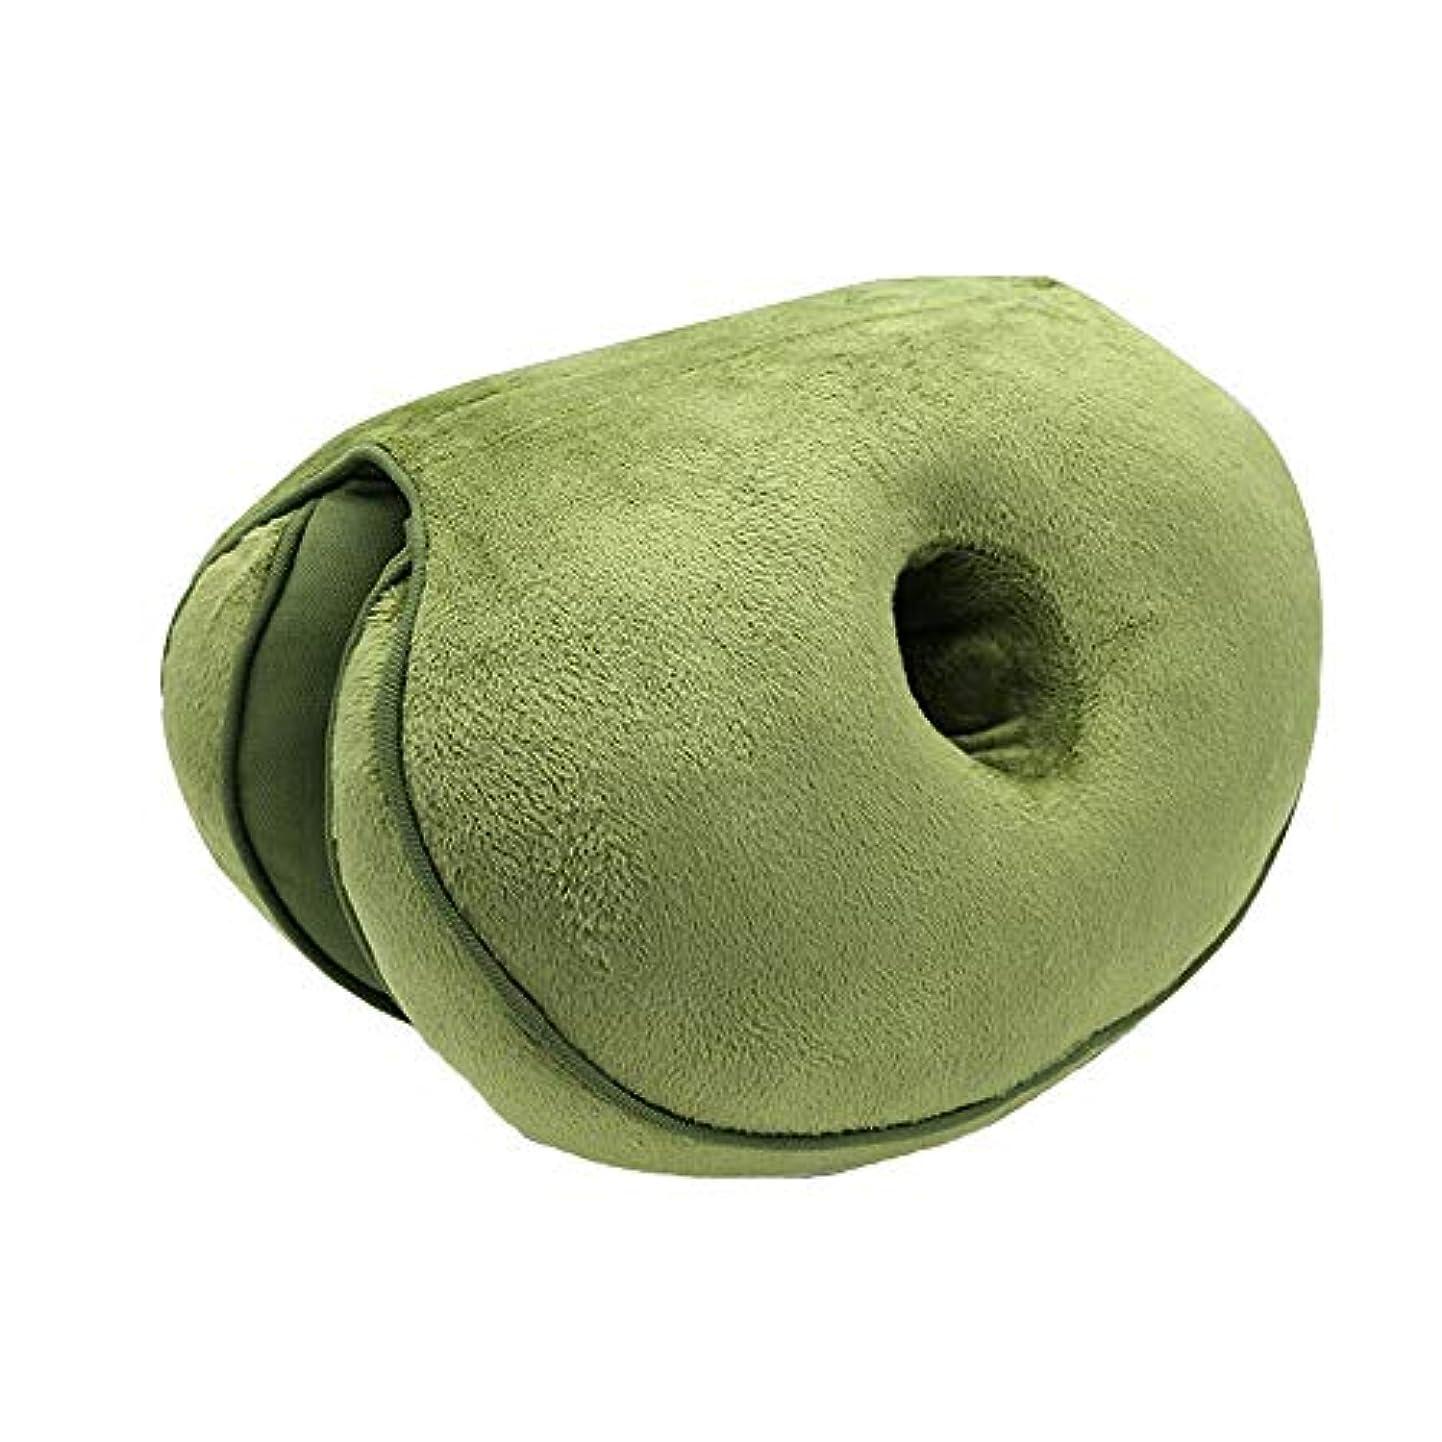 ピンチペアヶ月目LIFE 新デュアルシートクッション低反発ラテックスオフィスチェアバックシートクッション快適な臀部マットパッド枕旅行枕女性女の子 クッション 椅子